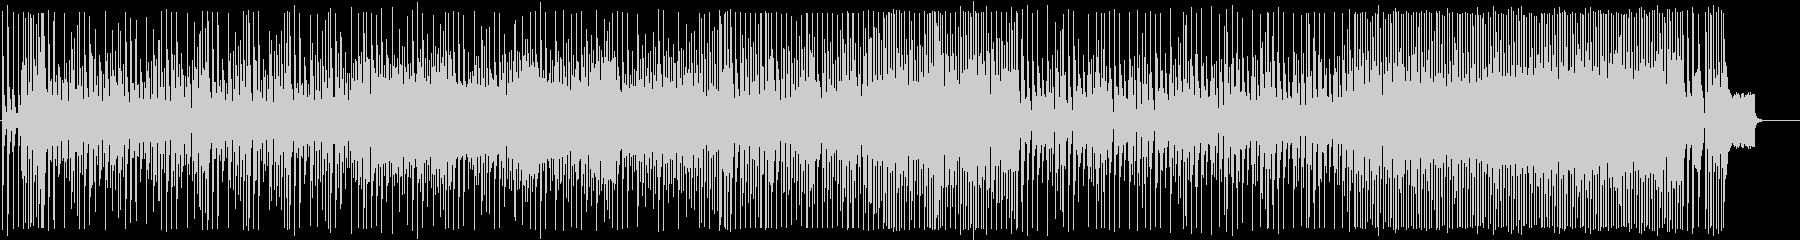 和風ファンク 踊れる三味線&尺八の未再生の波形